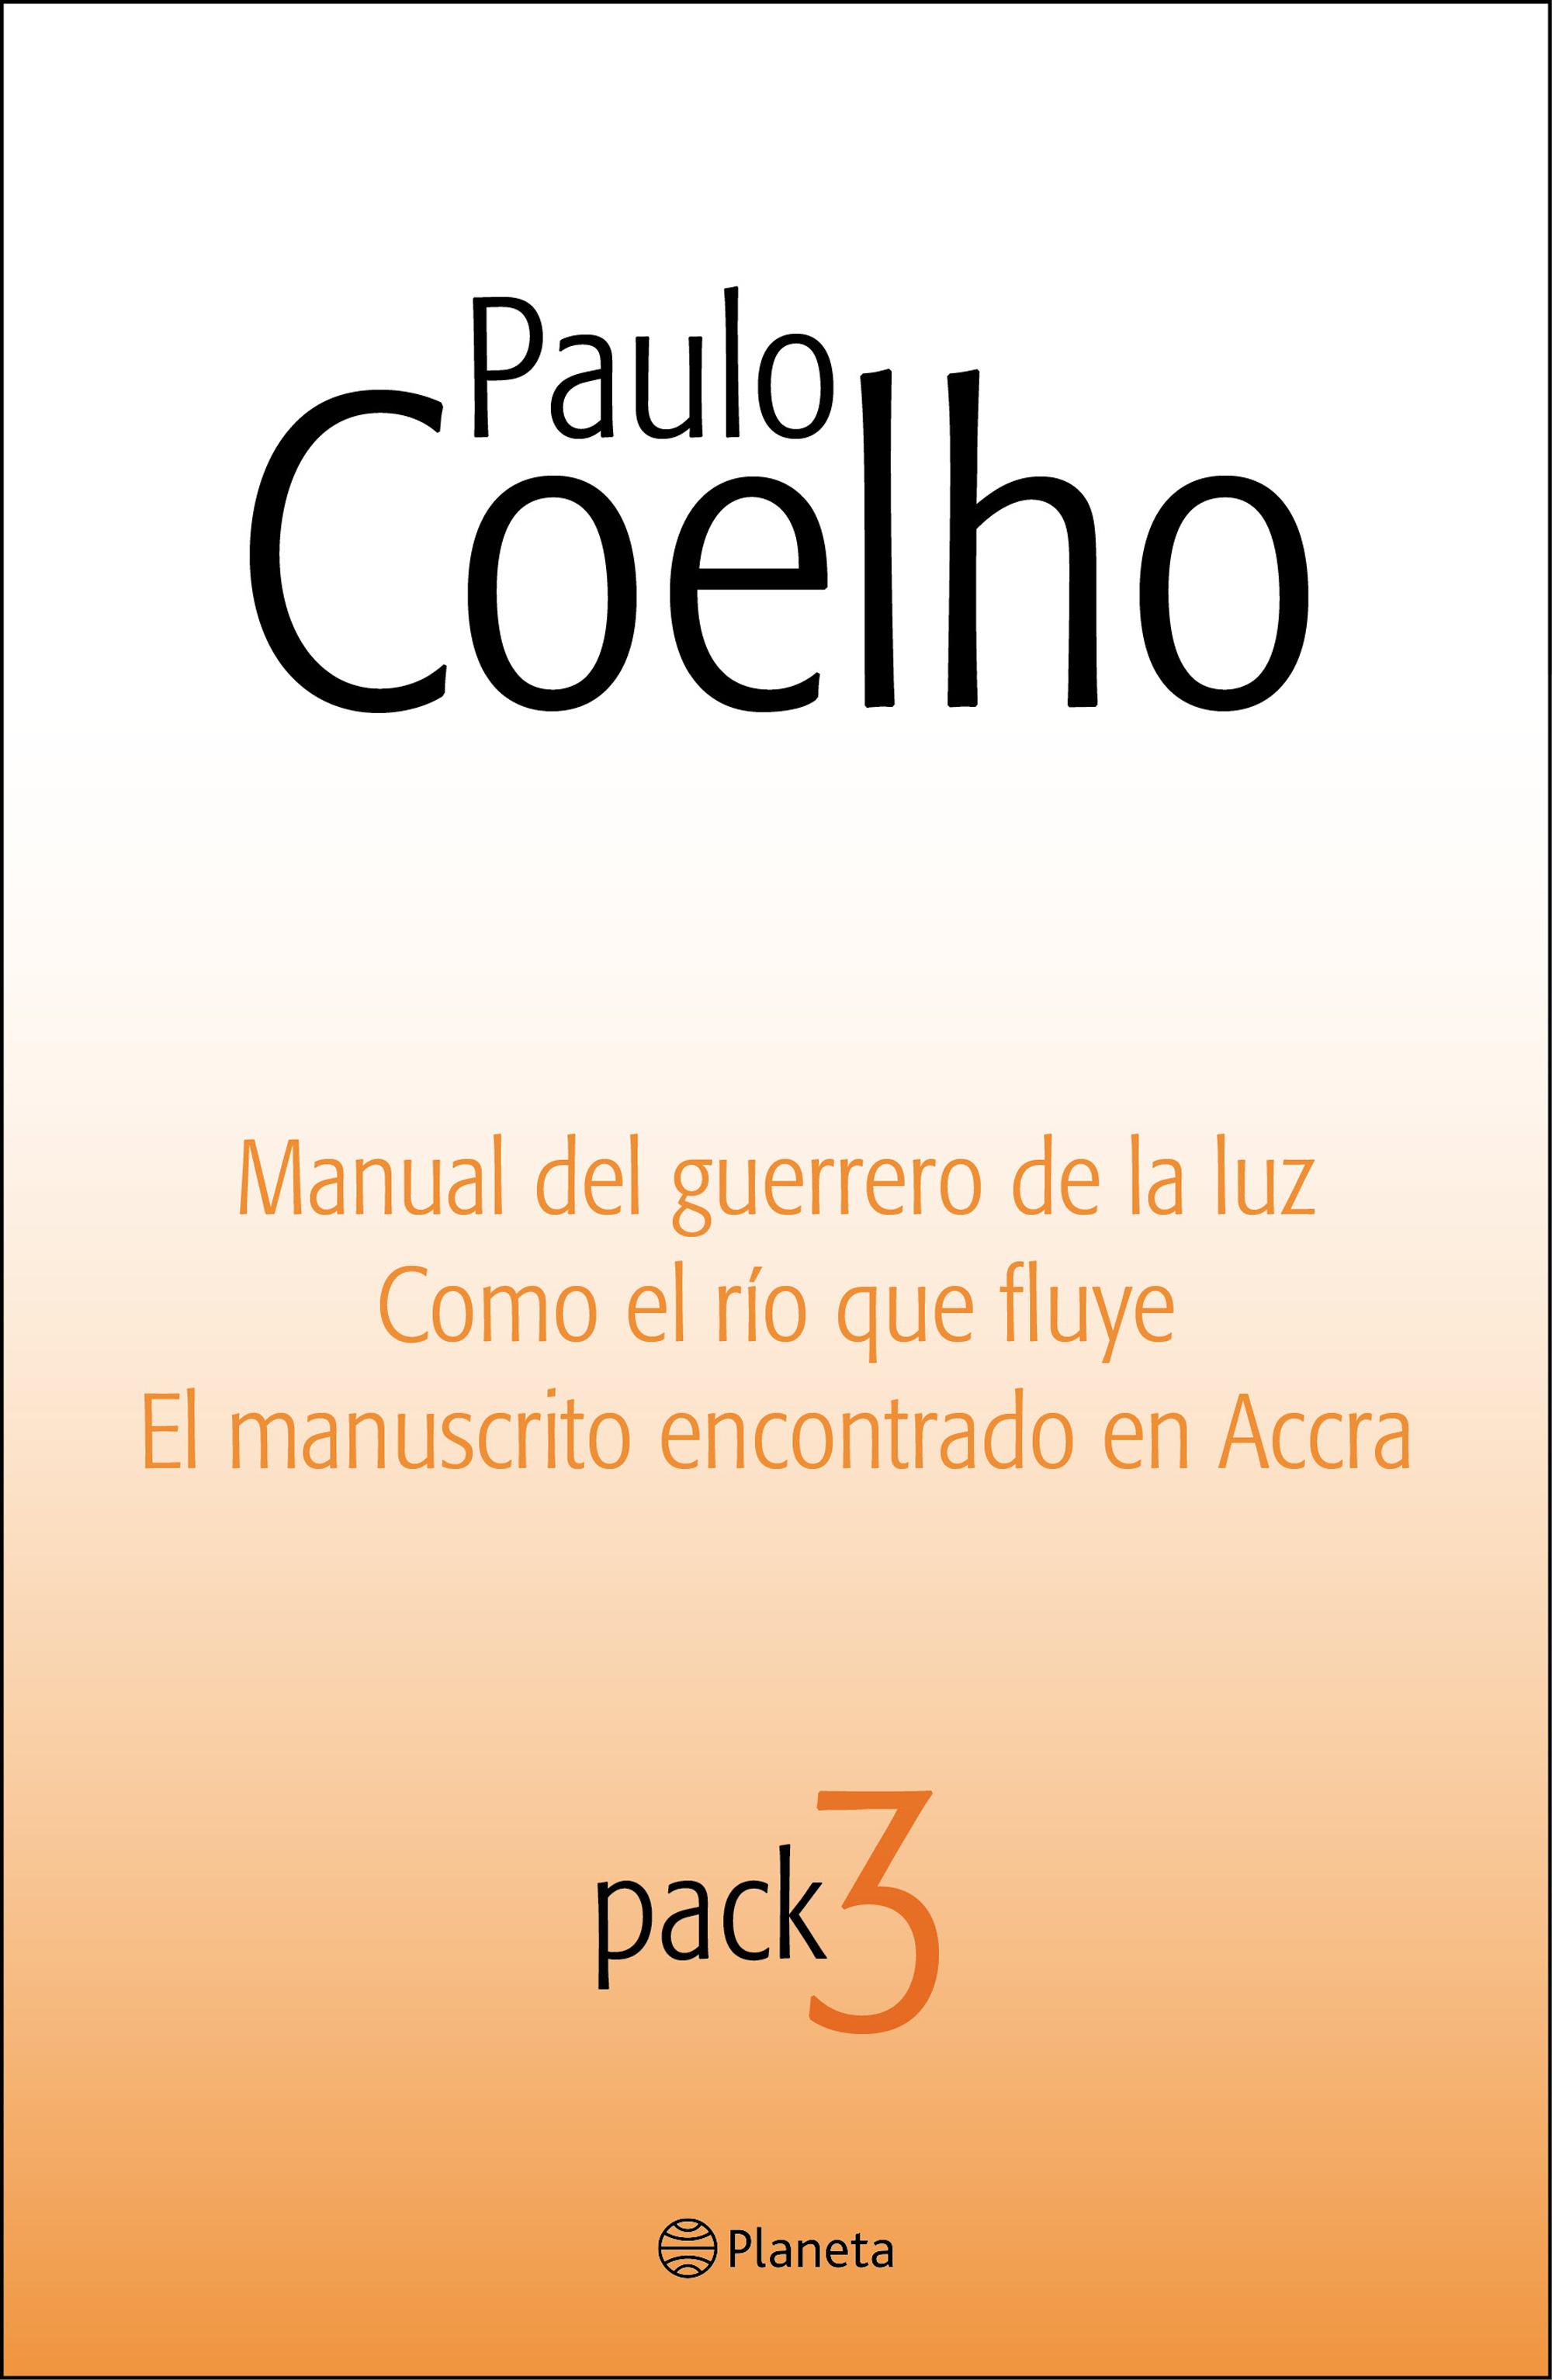 Pack Paulo Coelho 3: Manual del guerrero de la luz, Como el río que fluye y  El m